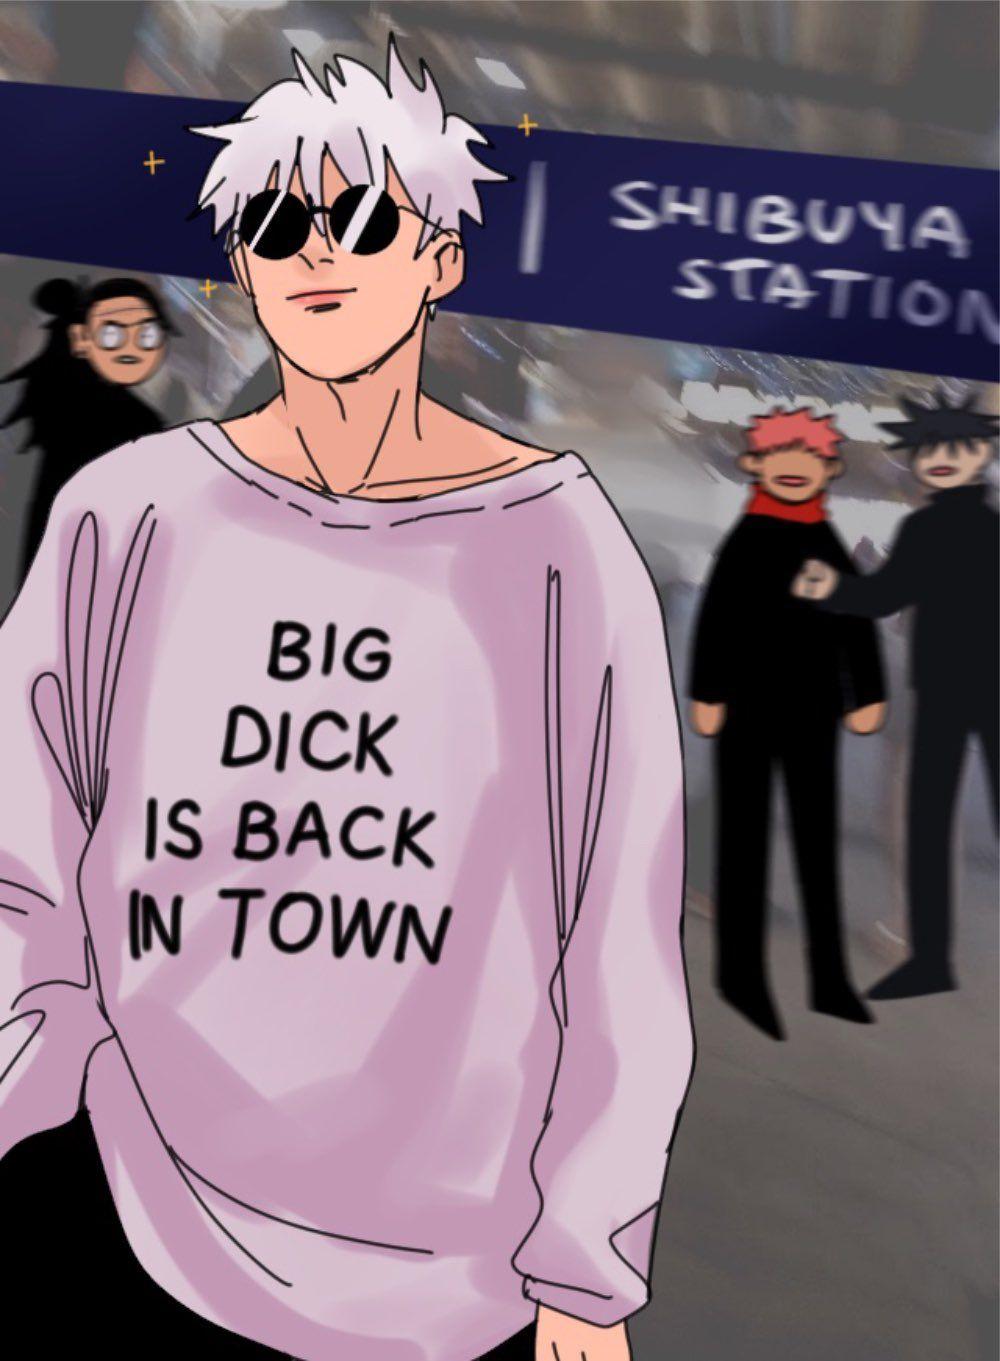 crying over shibuya arc on Twitter